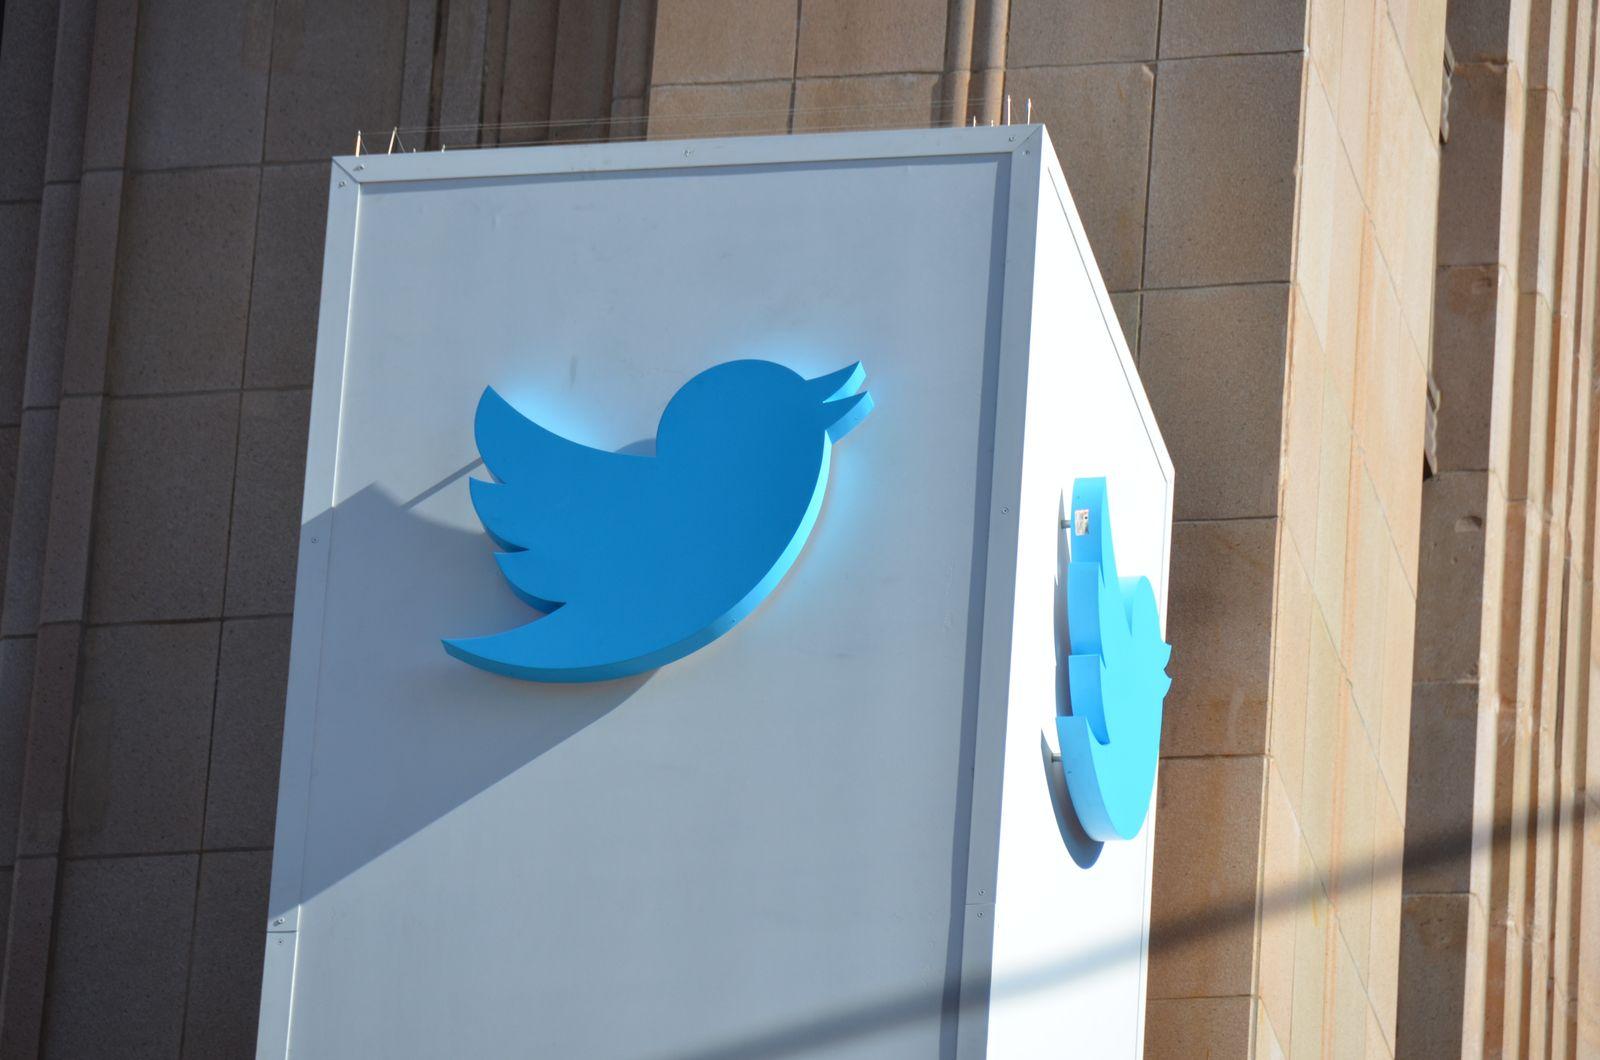 NICHT MEHR VERWENDEN! - Symbolbild Twitter/ Headquarter/ Hauptquartier